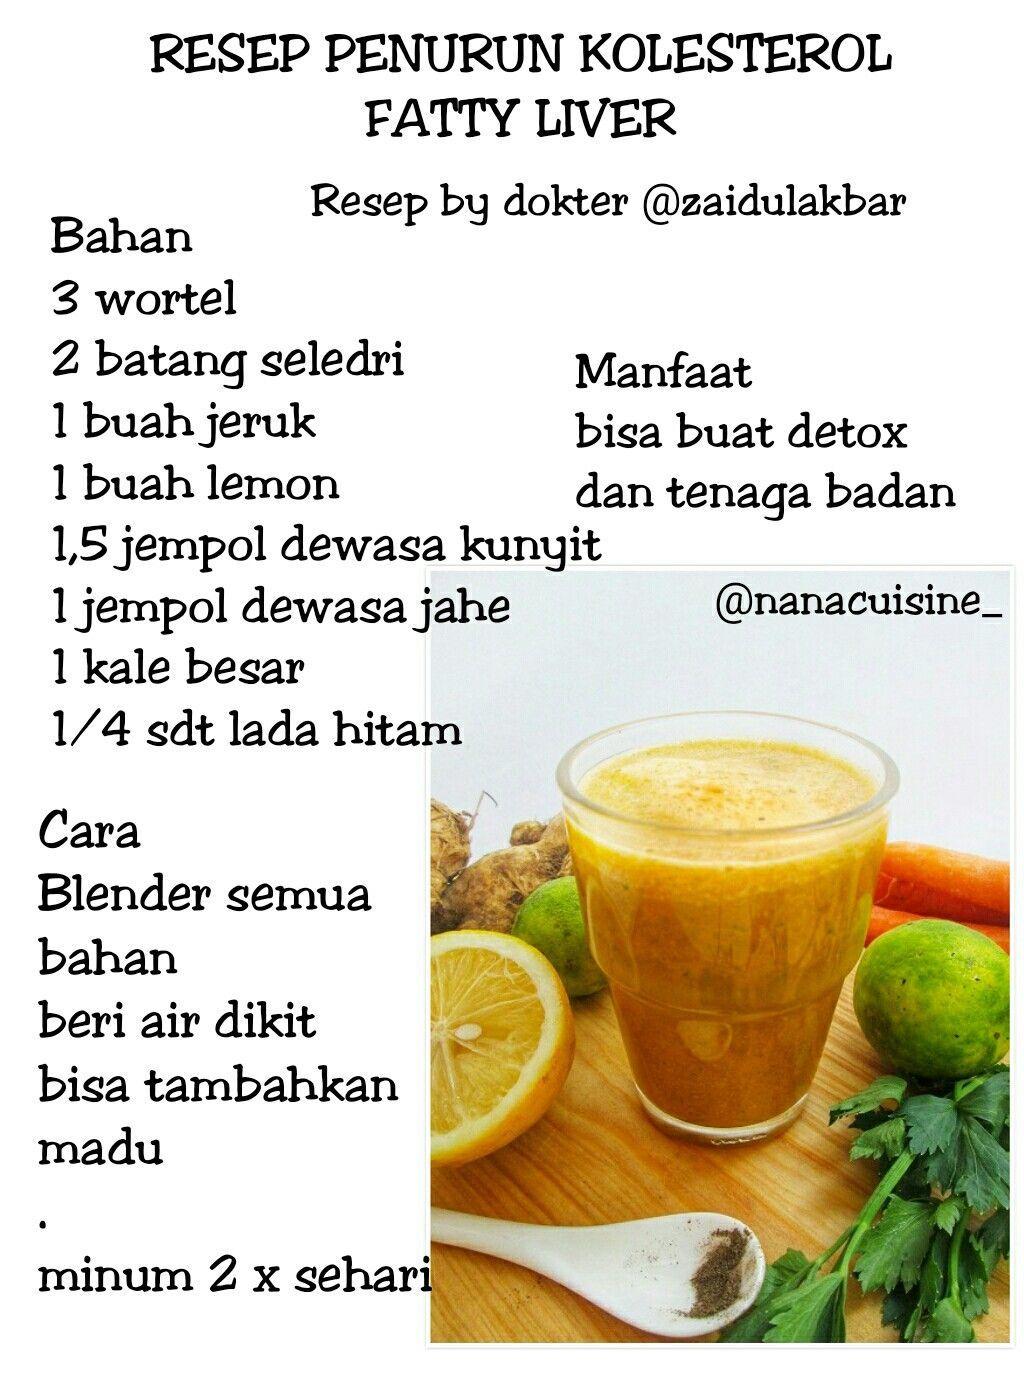 Resep Sehat Diet Sehat Resep Diet Sehat Resep Diet Resep Sehat